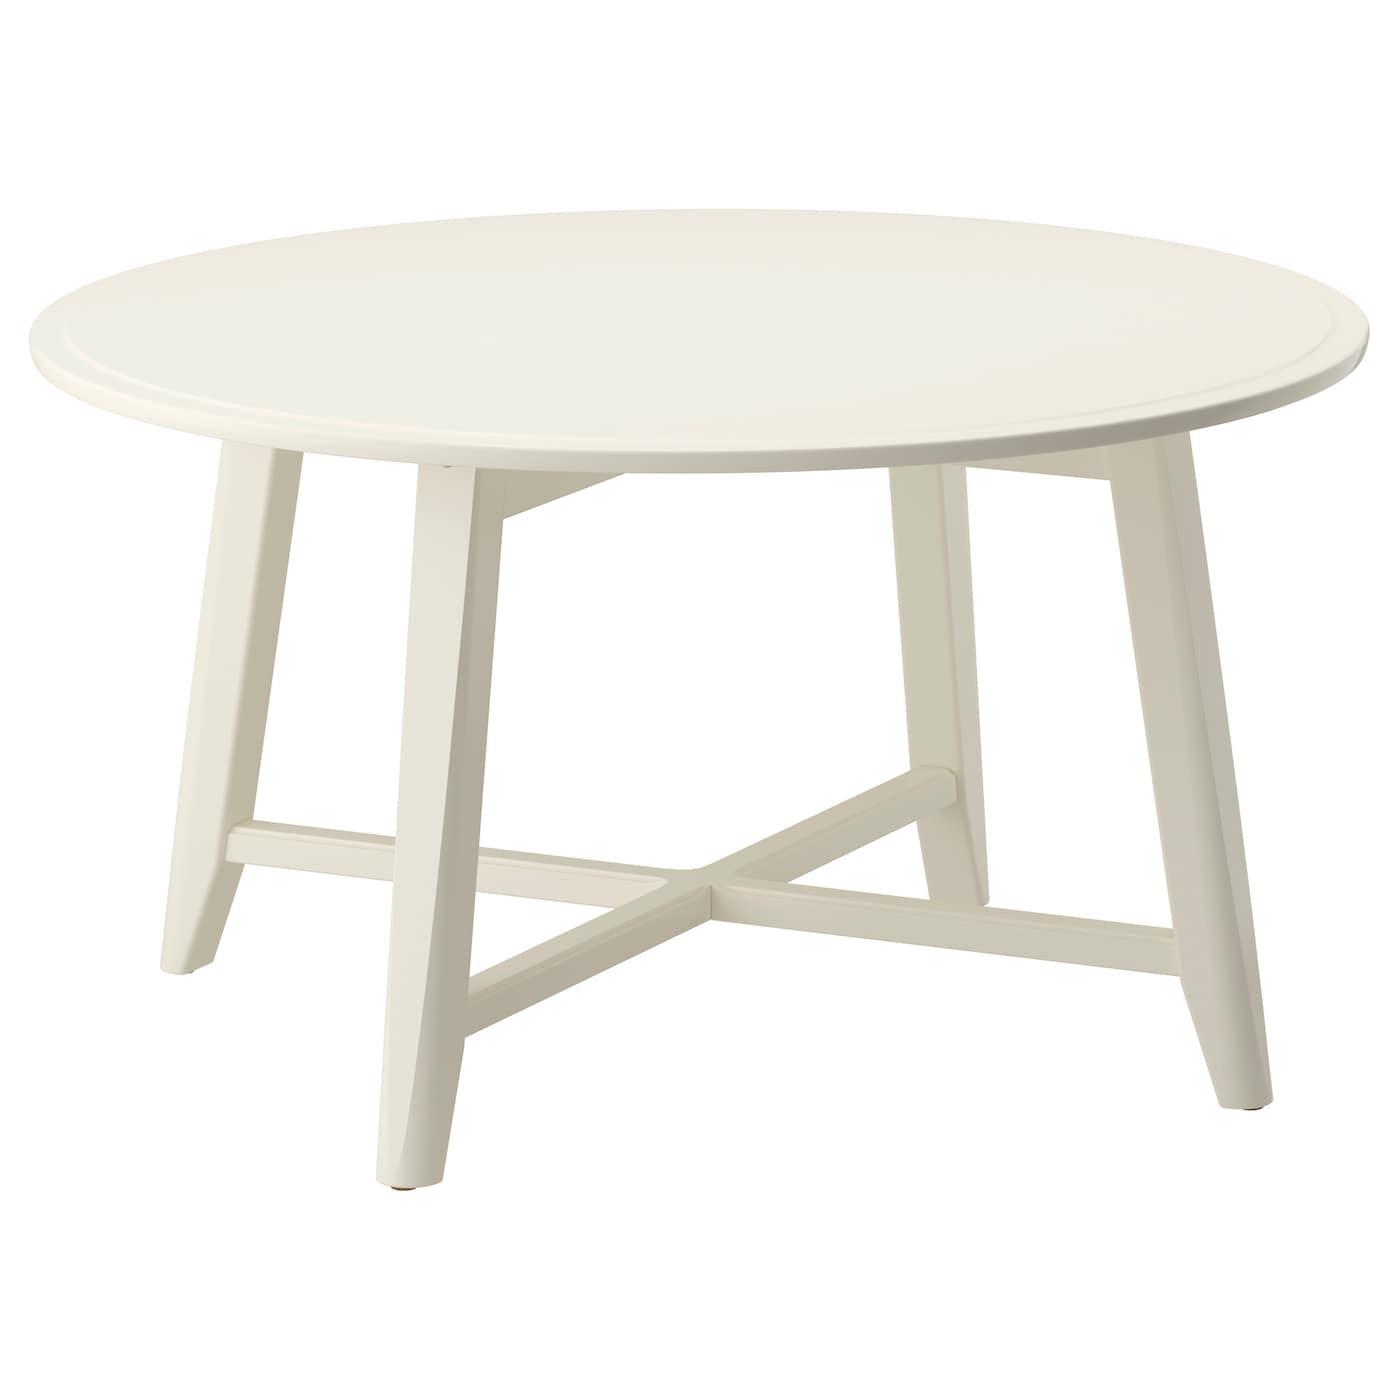 Tavolino Che Diventa Tavolo Ikea kragsta tavolino - bianco 90 cm